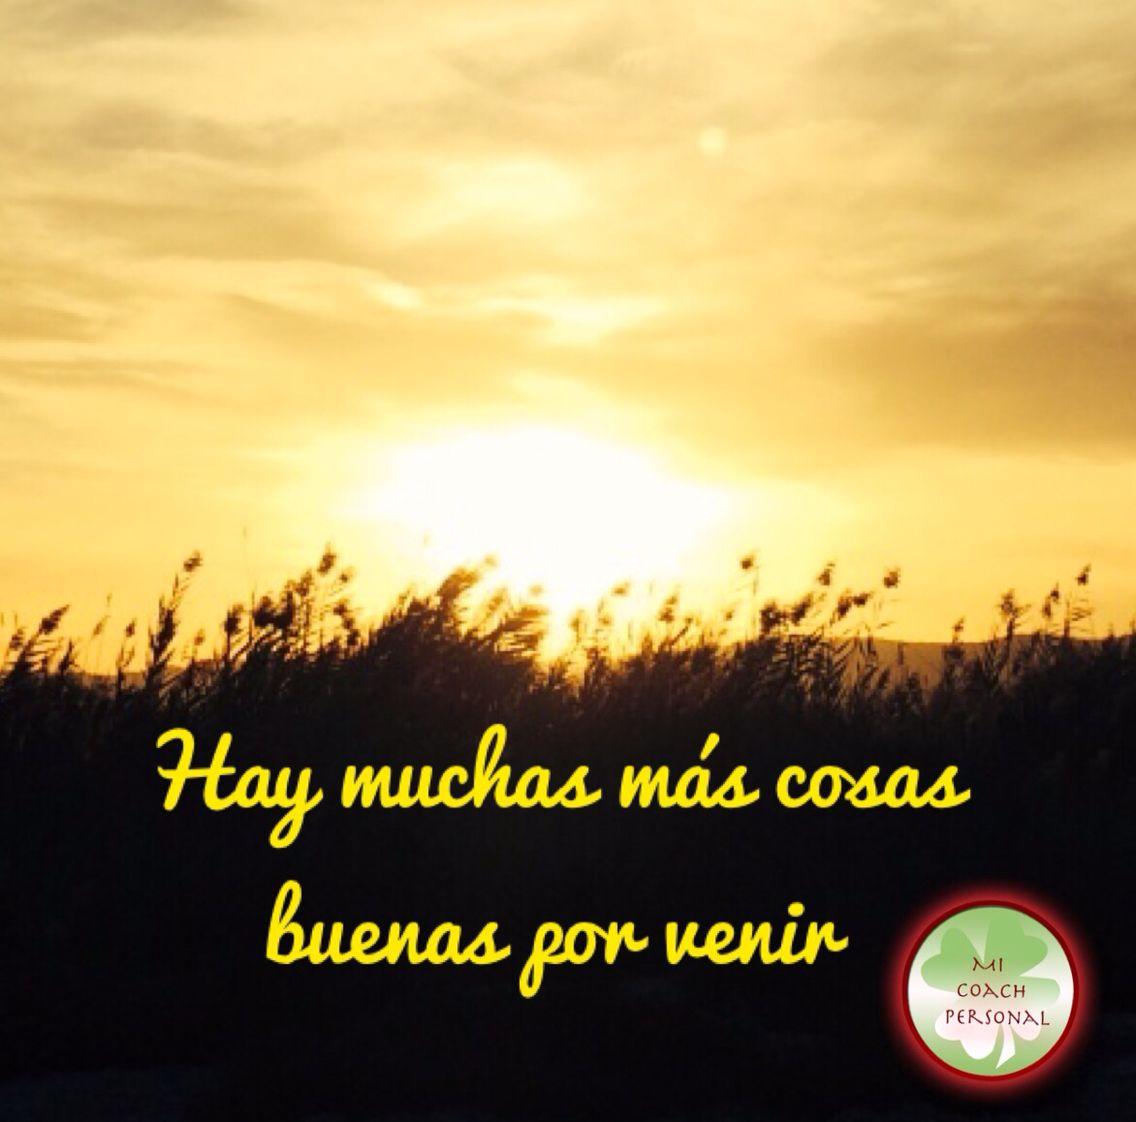 Estoy convencida además. ¡Feliz noche de viernes! www.micoachpersonal.info